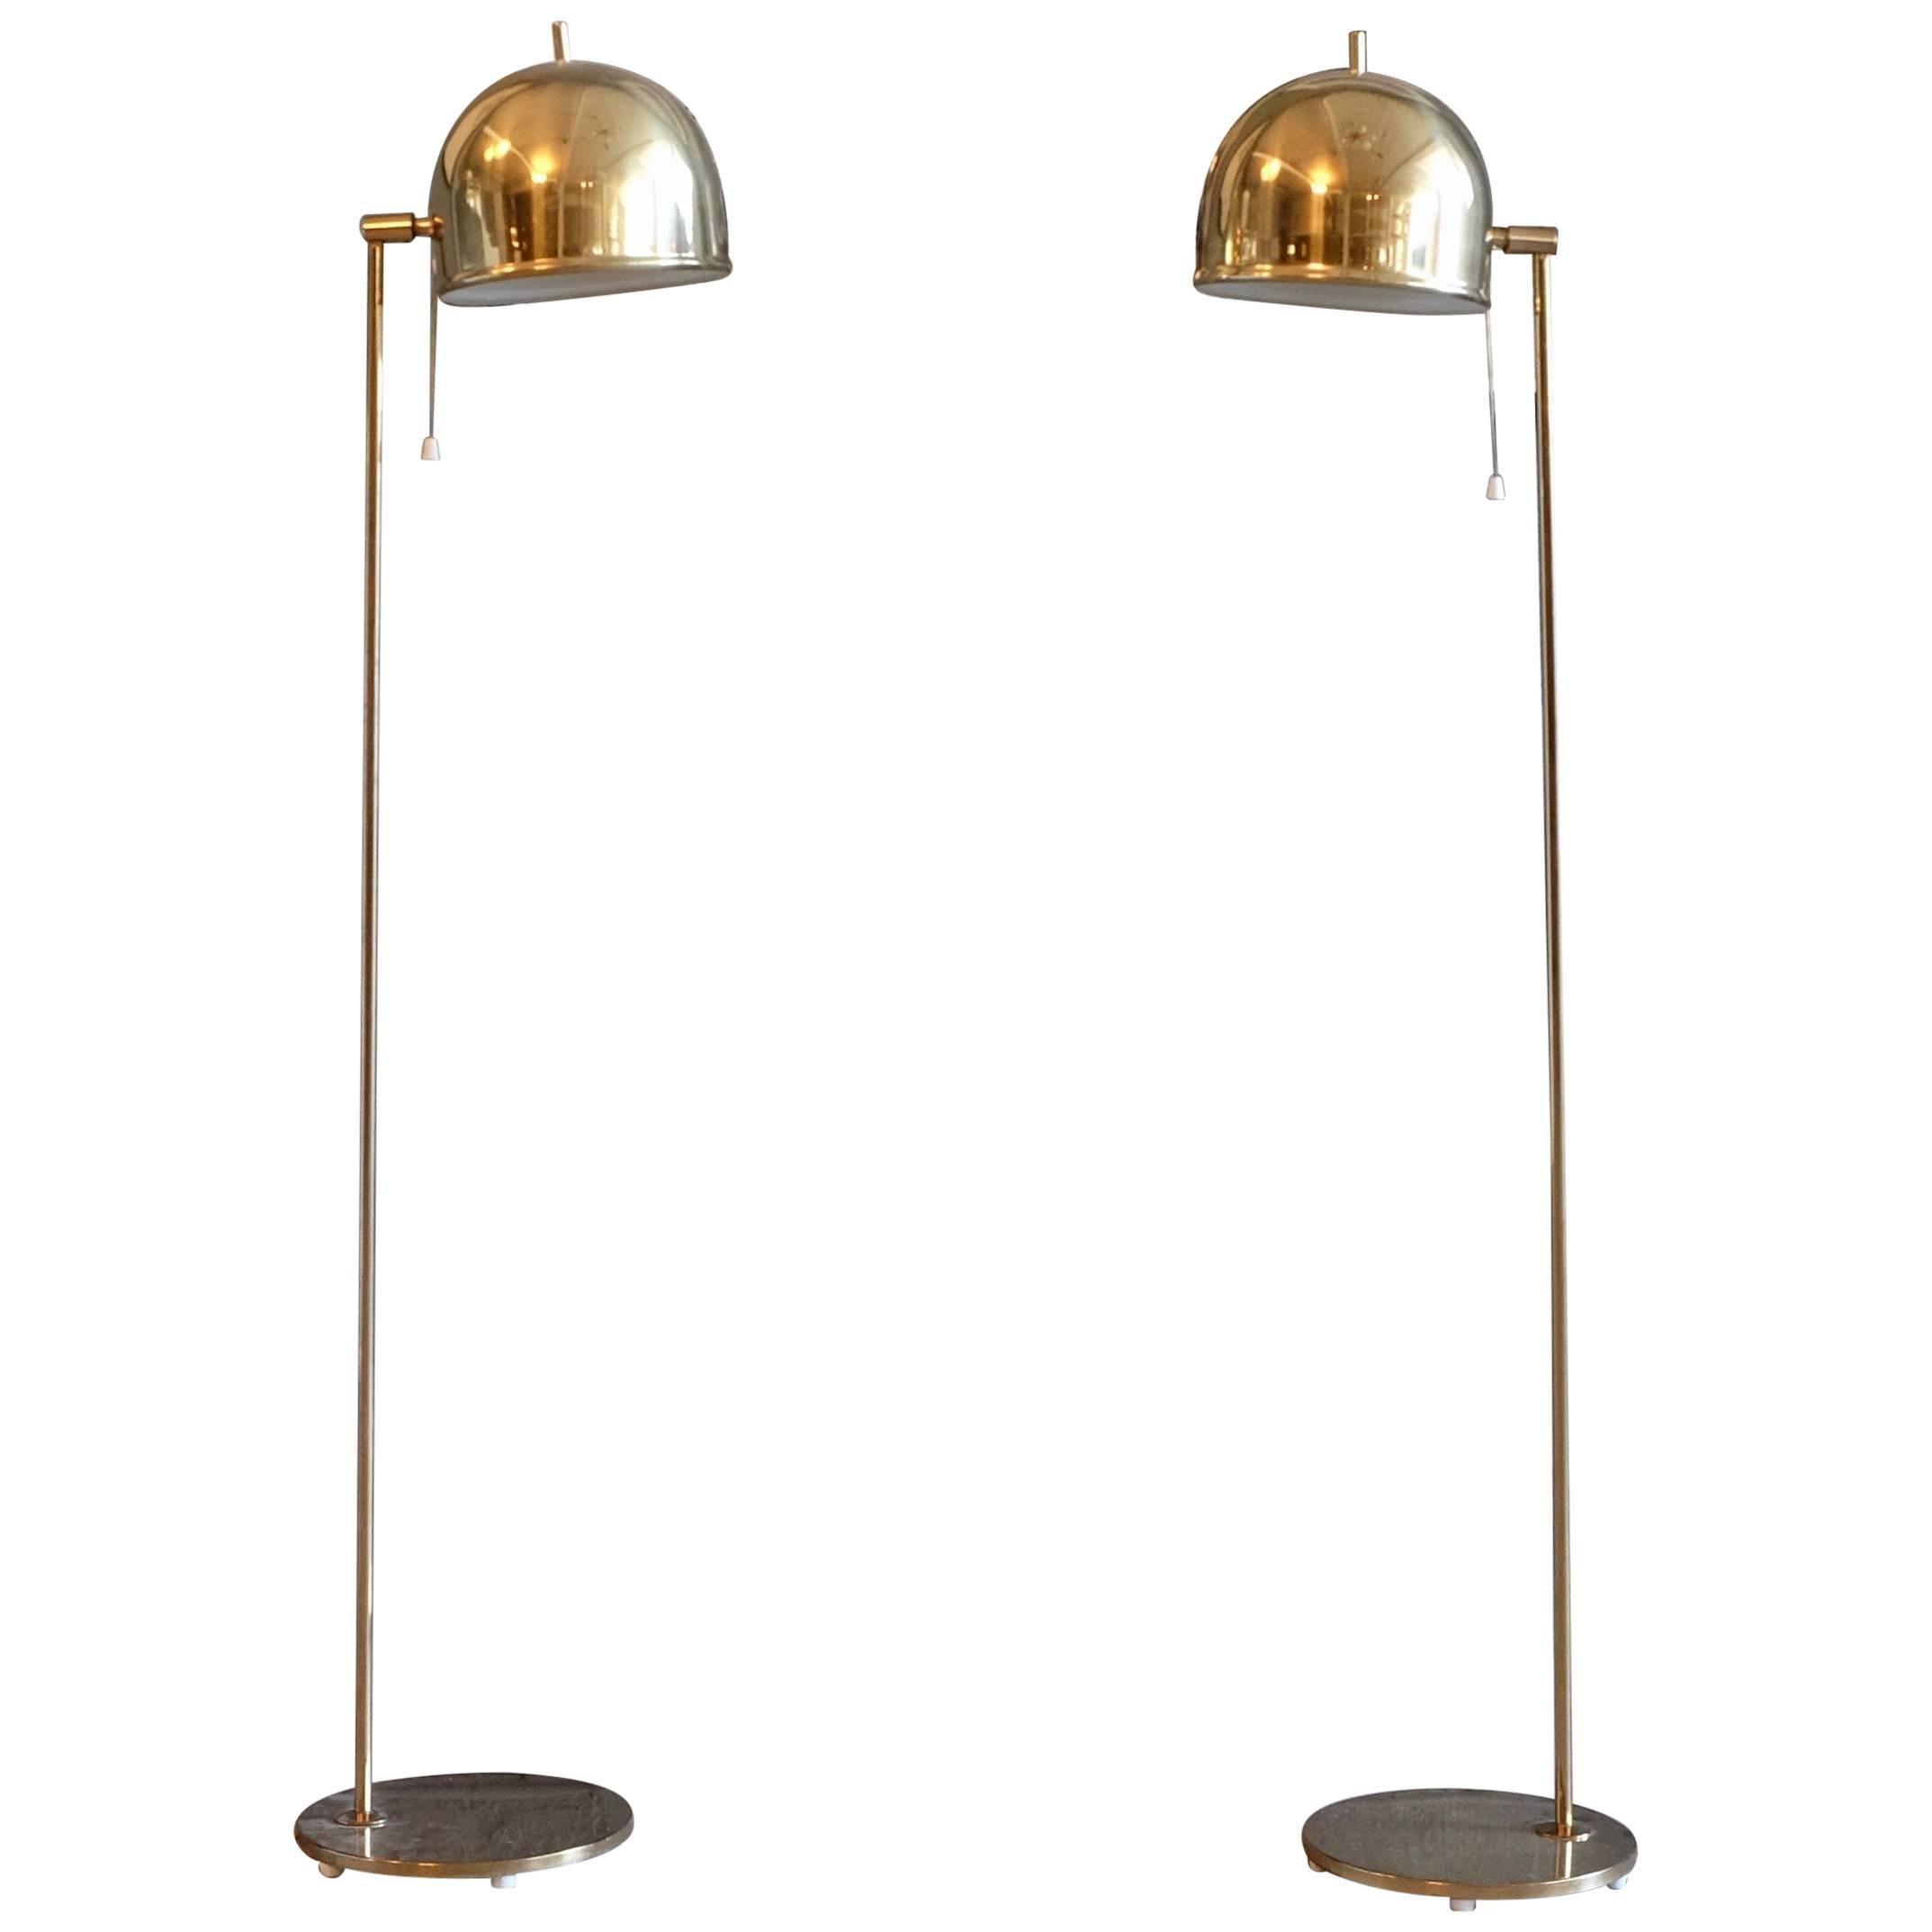 Pair of Floor Lamps, Model G-075, Bergboms, Sweden, 1960s